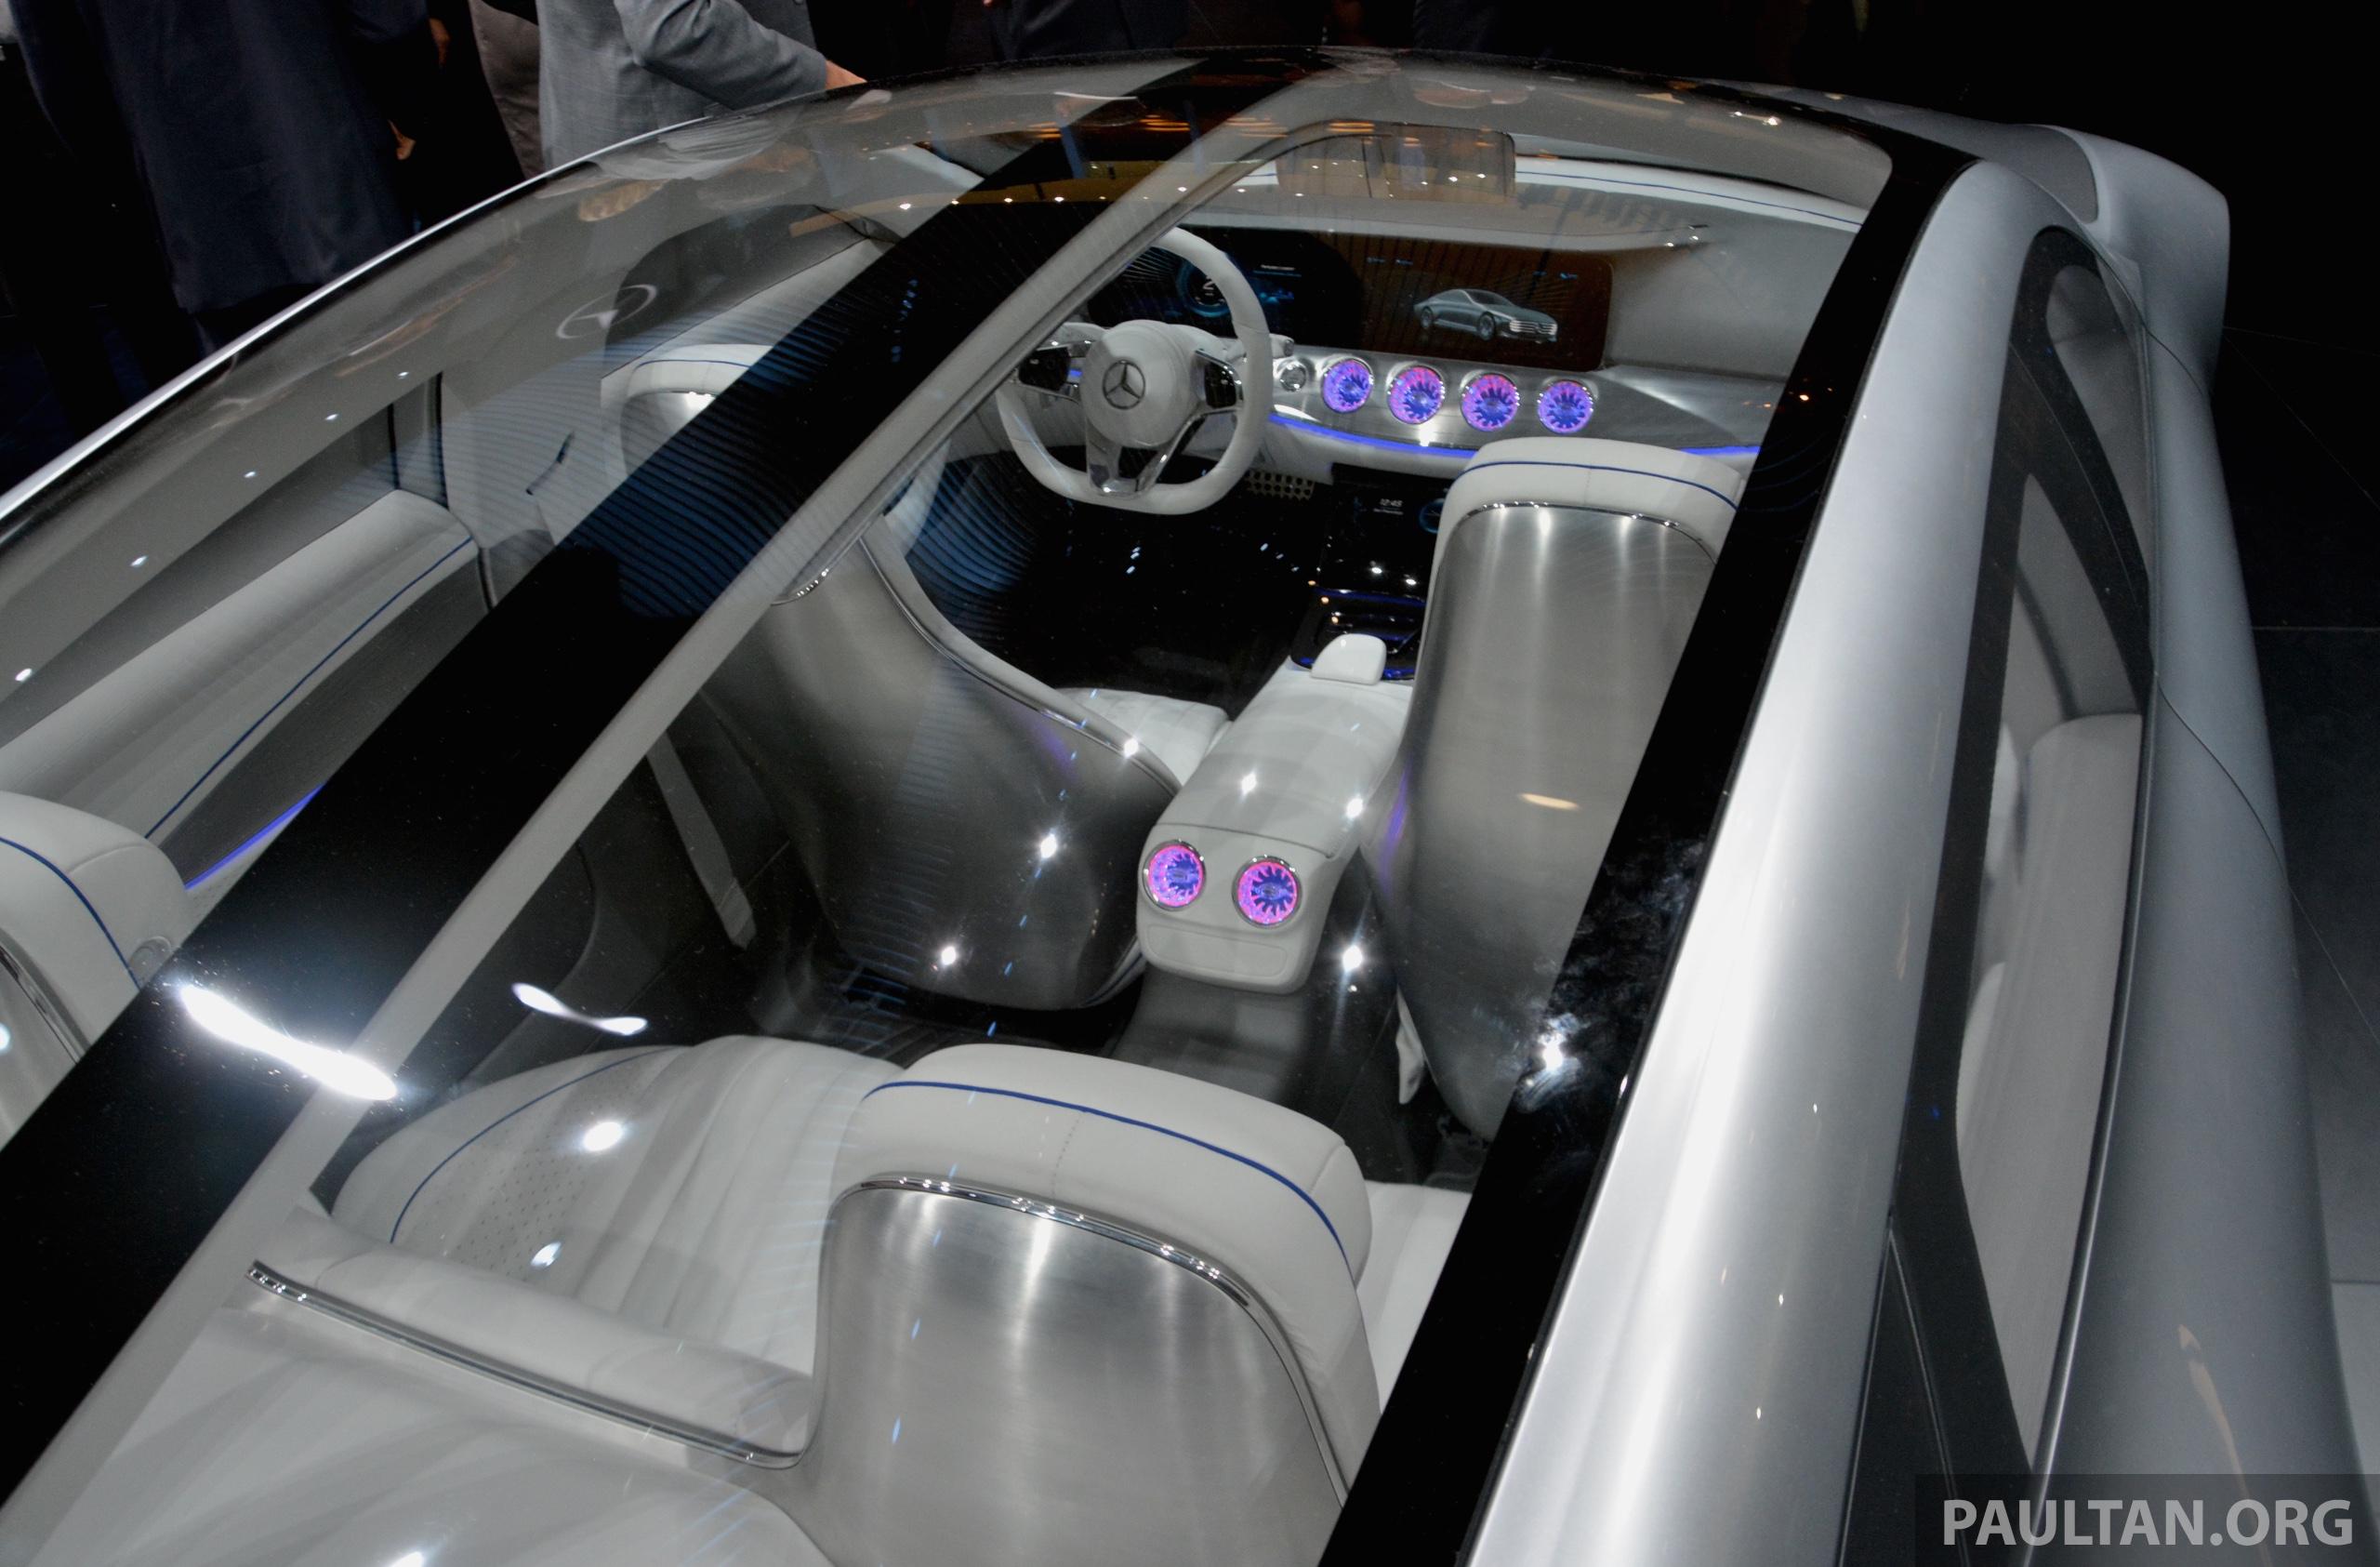 https://s1.paultan.org/image/2015/09/Mercedes-Benz-Concept-IAA-Frankfurt-19.jpg